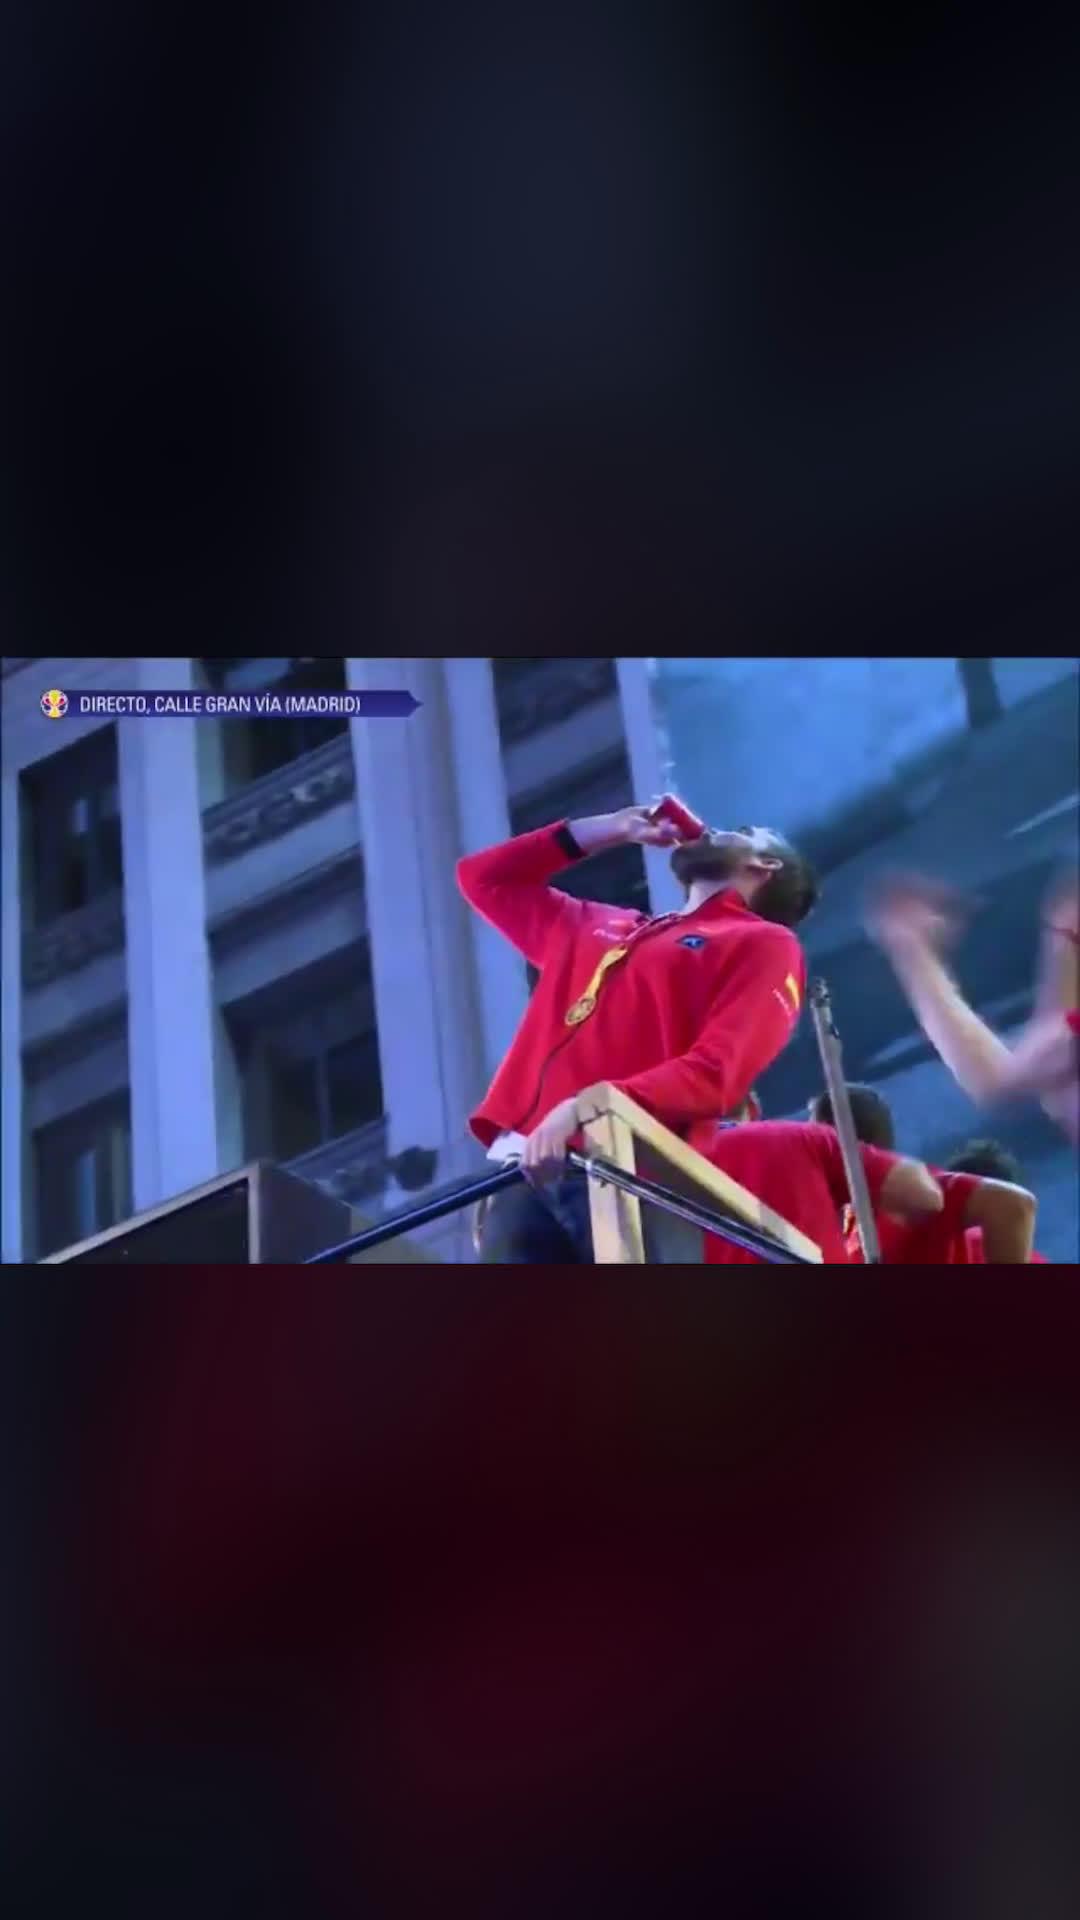 西班牙夺冠庆祝游行,小加也是肉眼可见的开心了